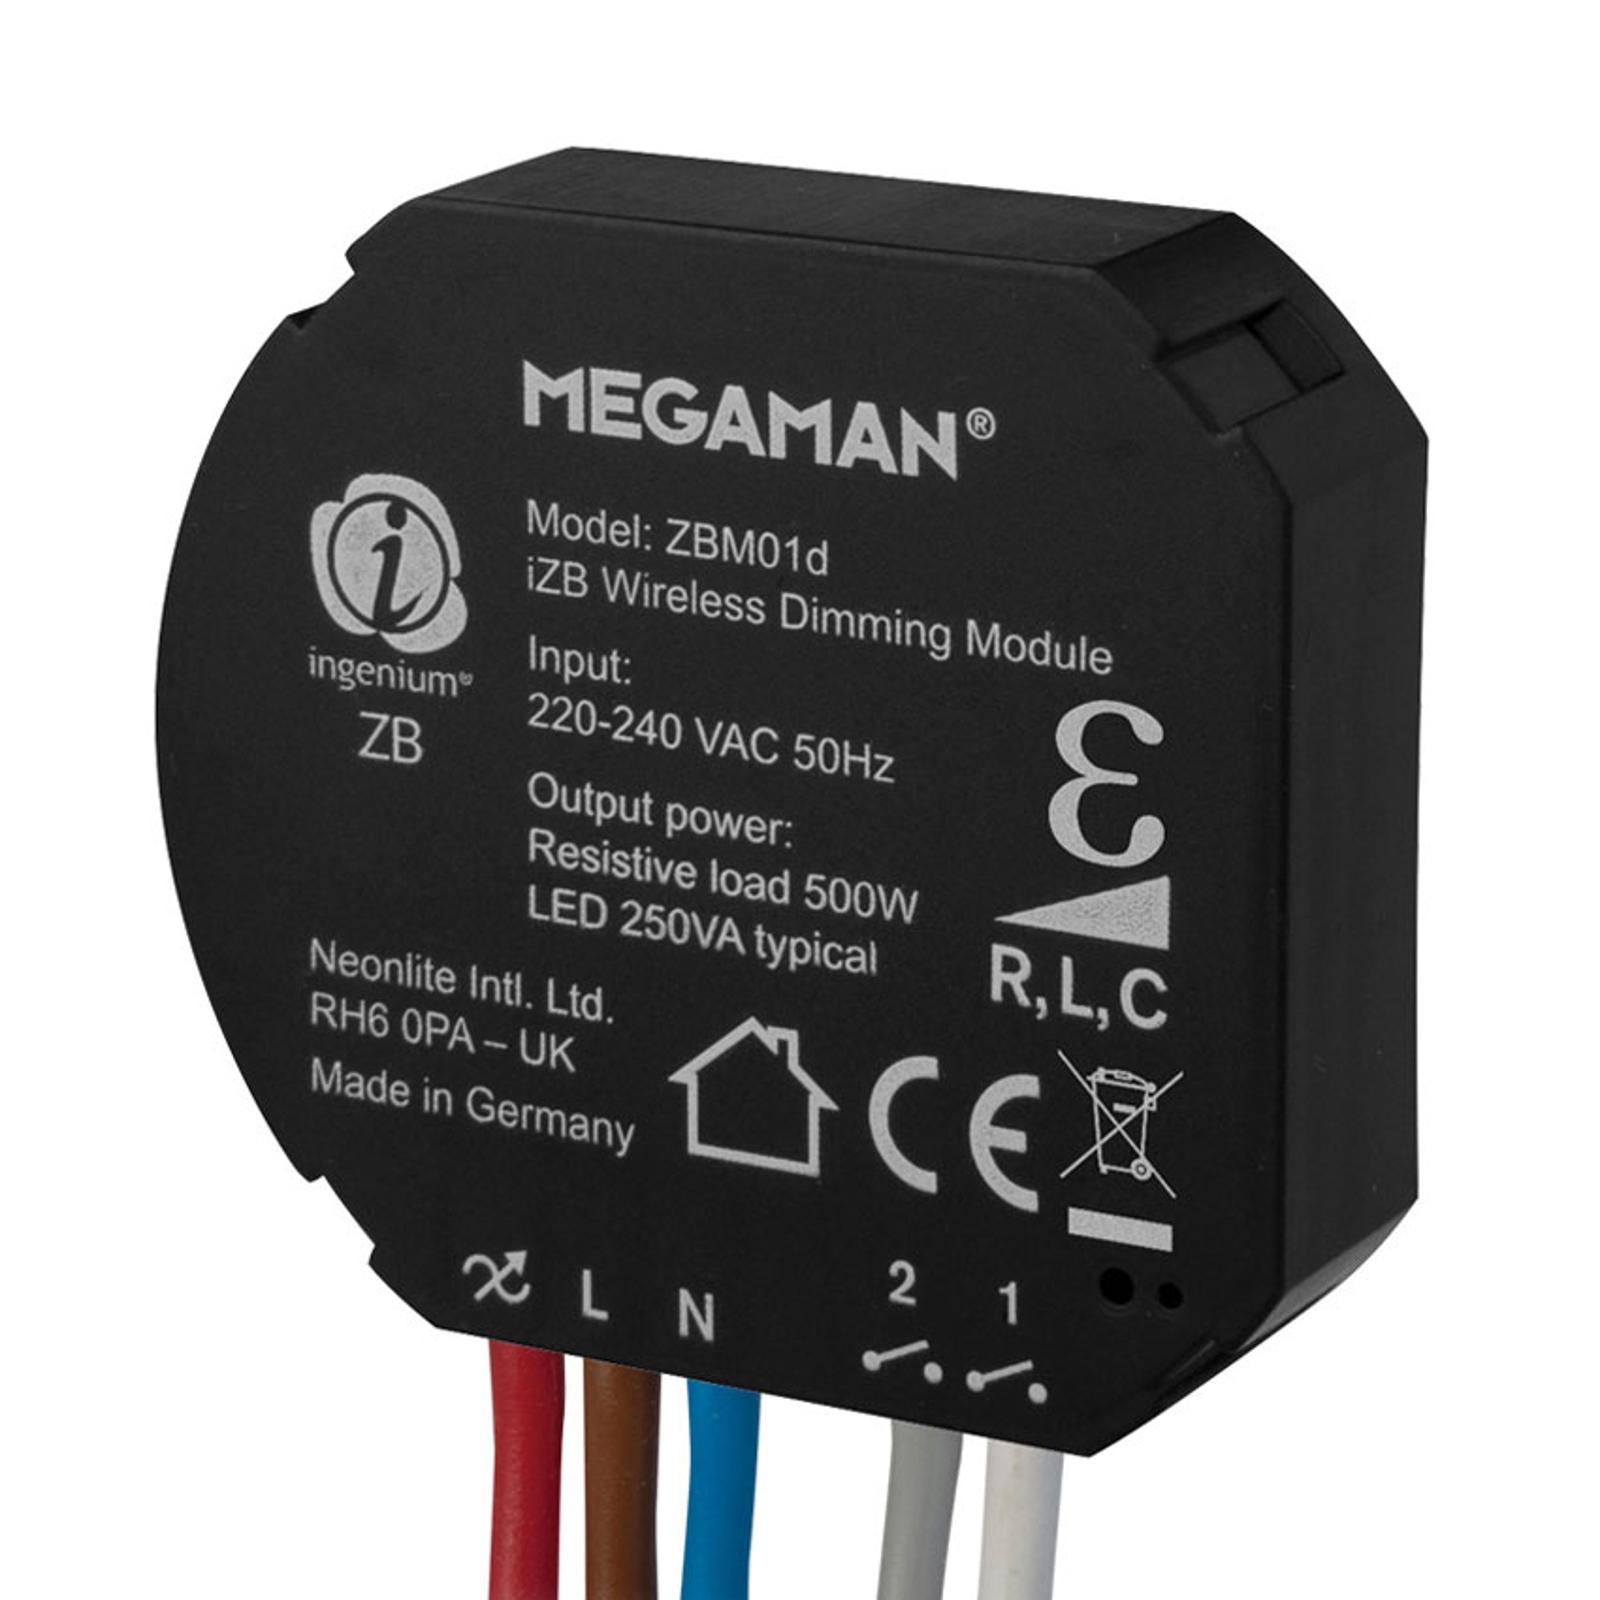 Megaman ingenium®ZB Dimm-Modul 250W, R,L,C